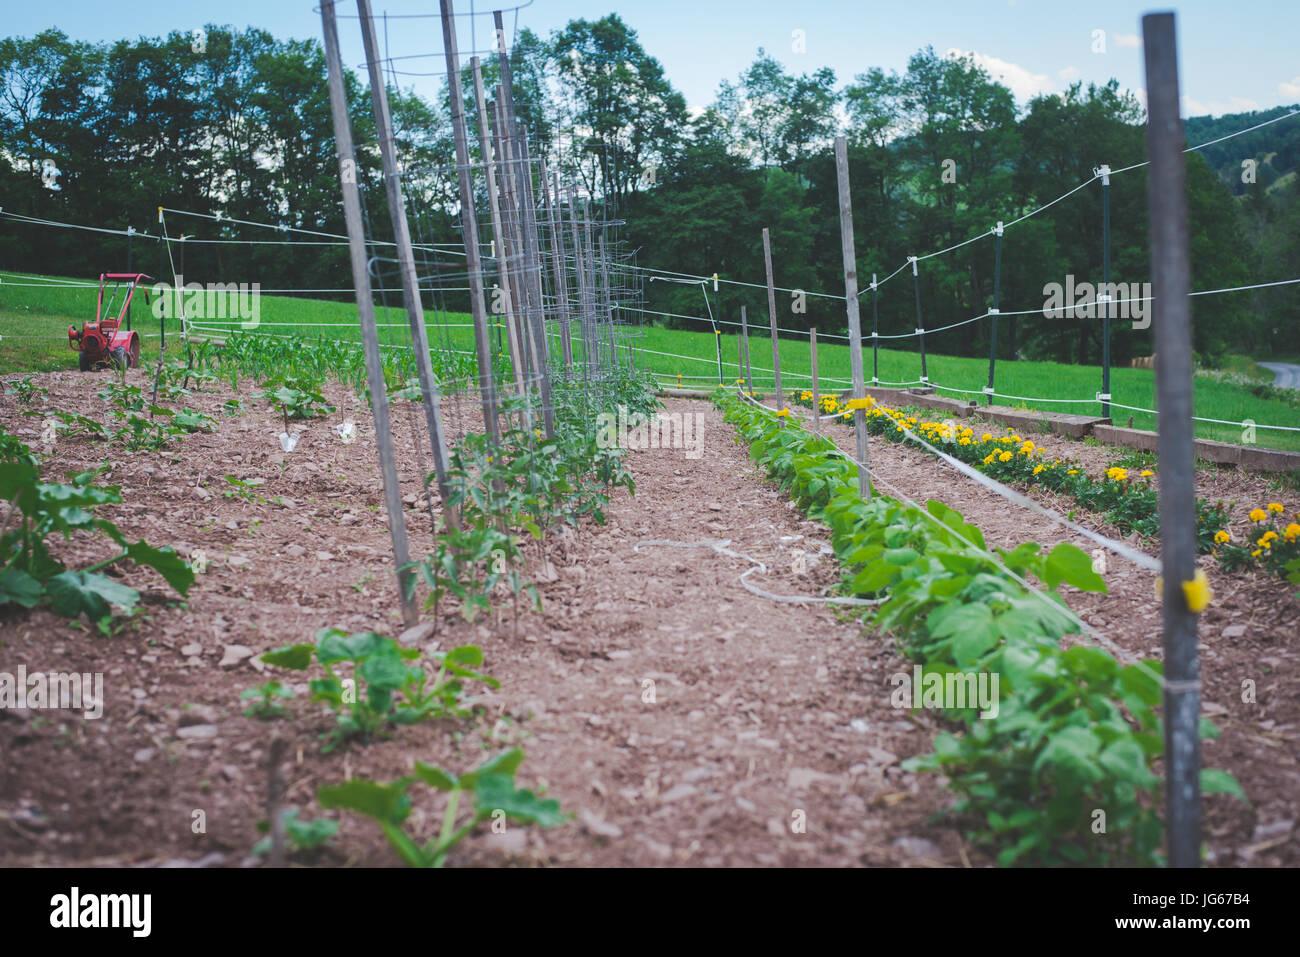 a garden in rural Pennsylvania. - Stock Image